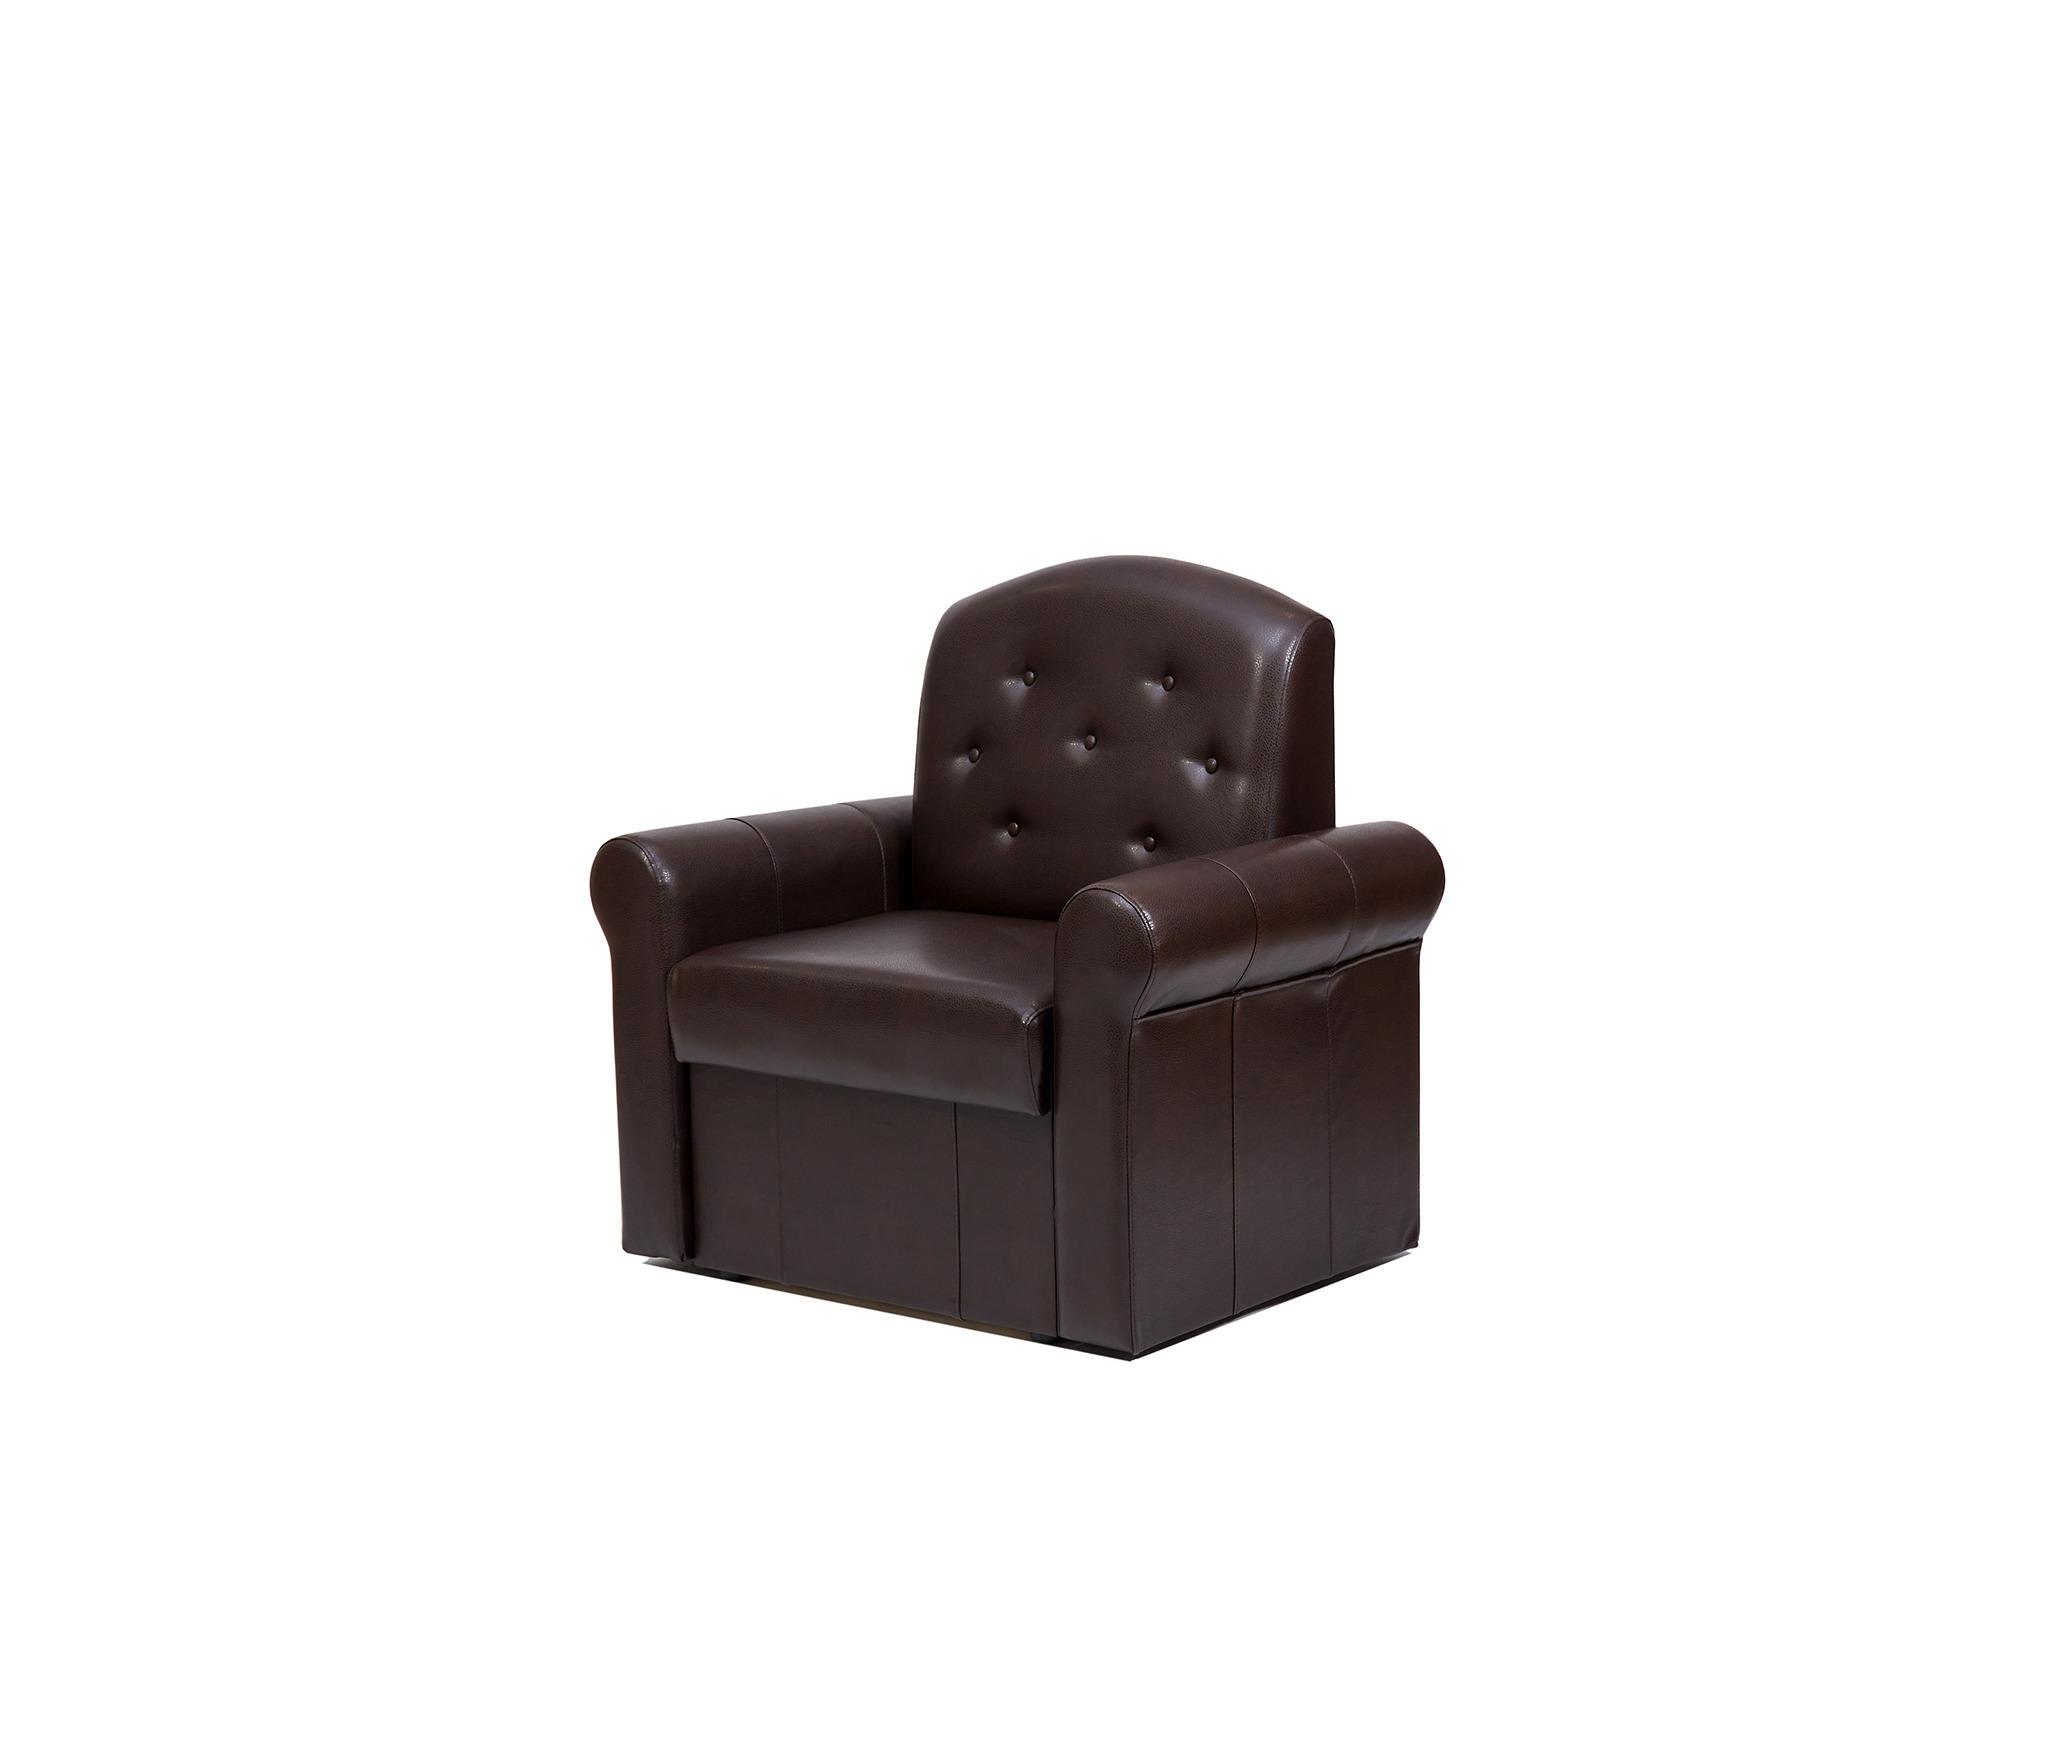 Фото - Кухонное кресло Версаль имидж мастер парикмахерское кресло версаль гидравлика пятилучье хром 49 цветов небесный 4